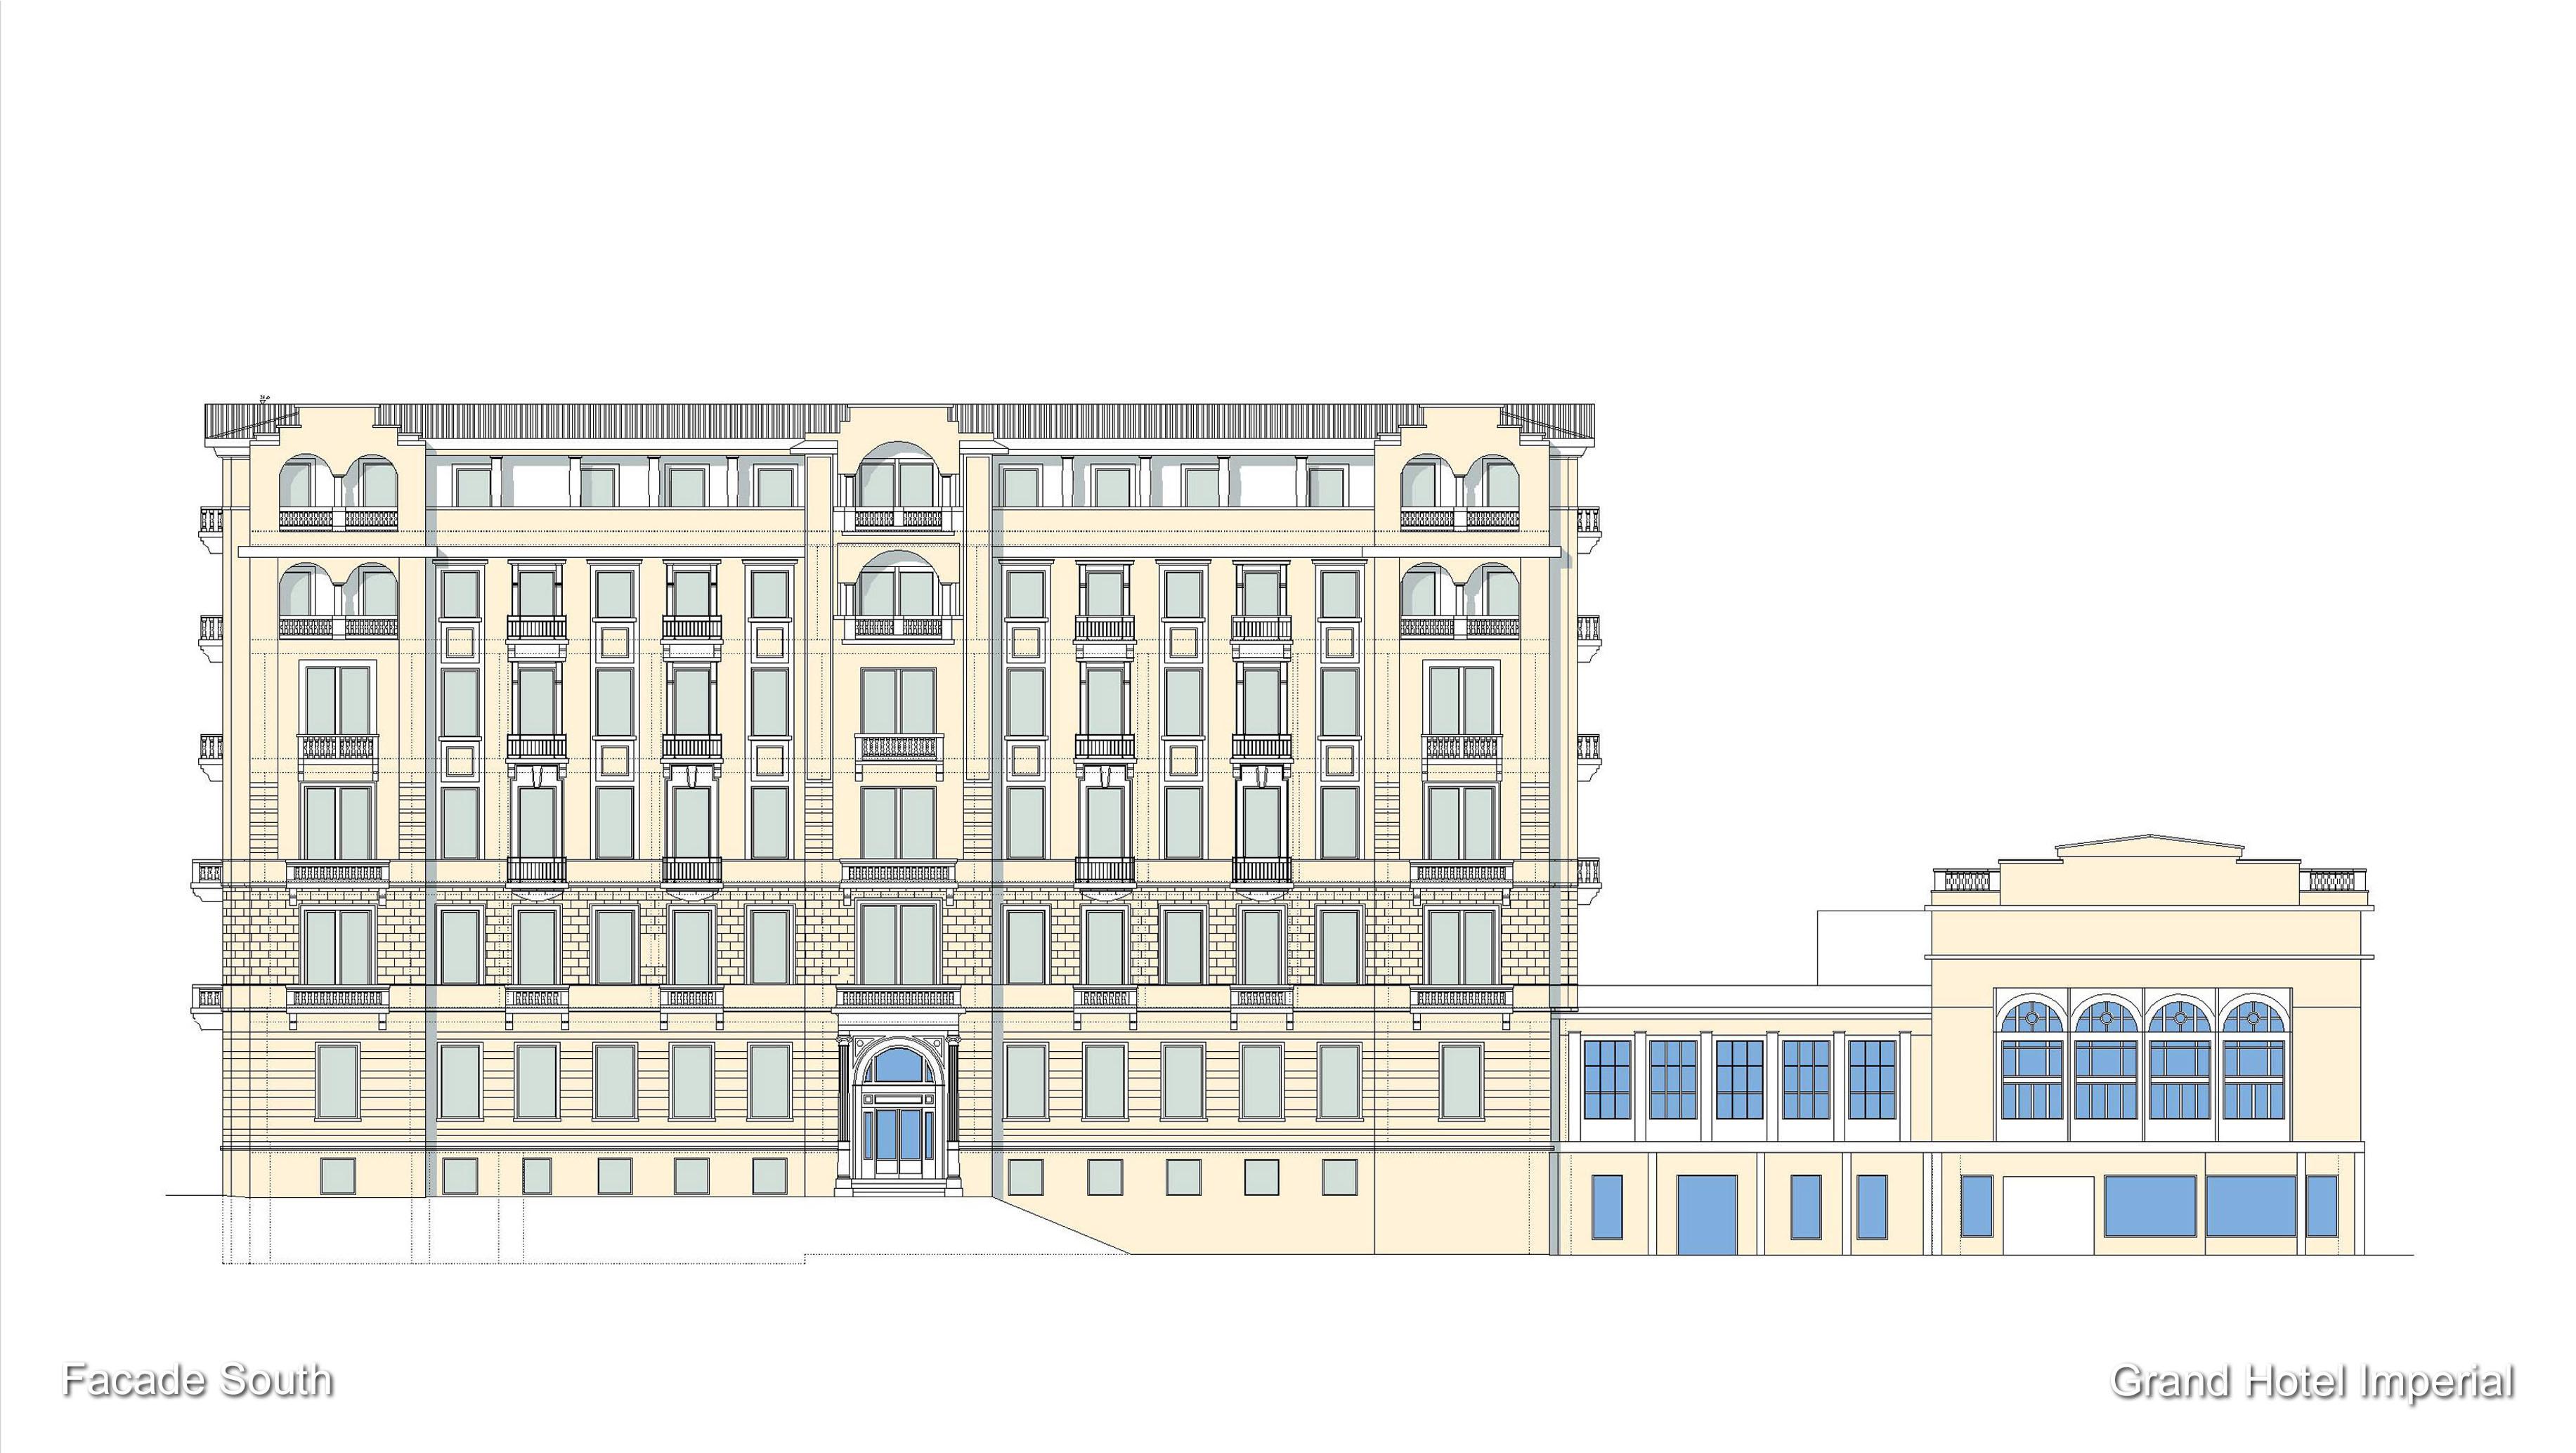 12_Hotel Imperial Facade S